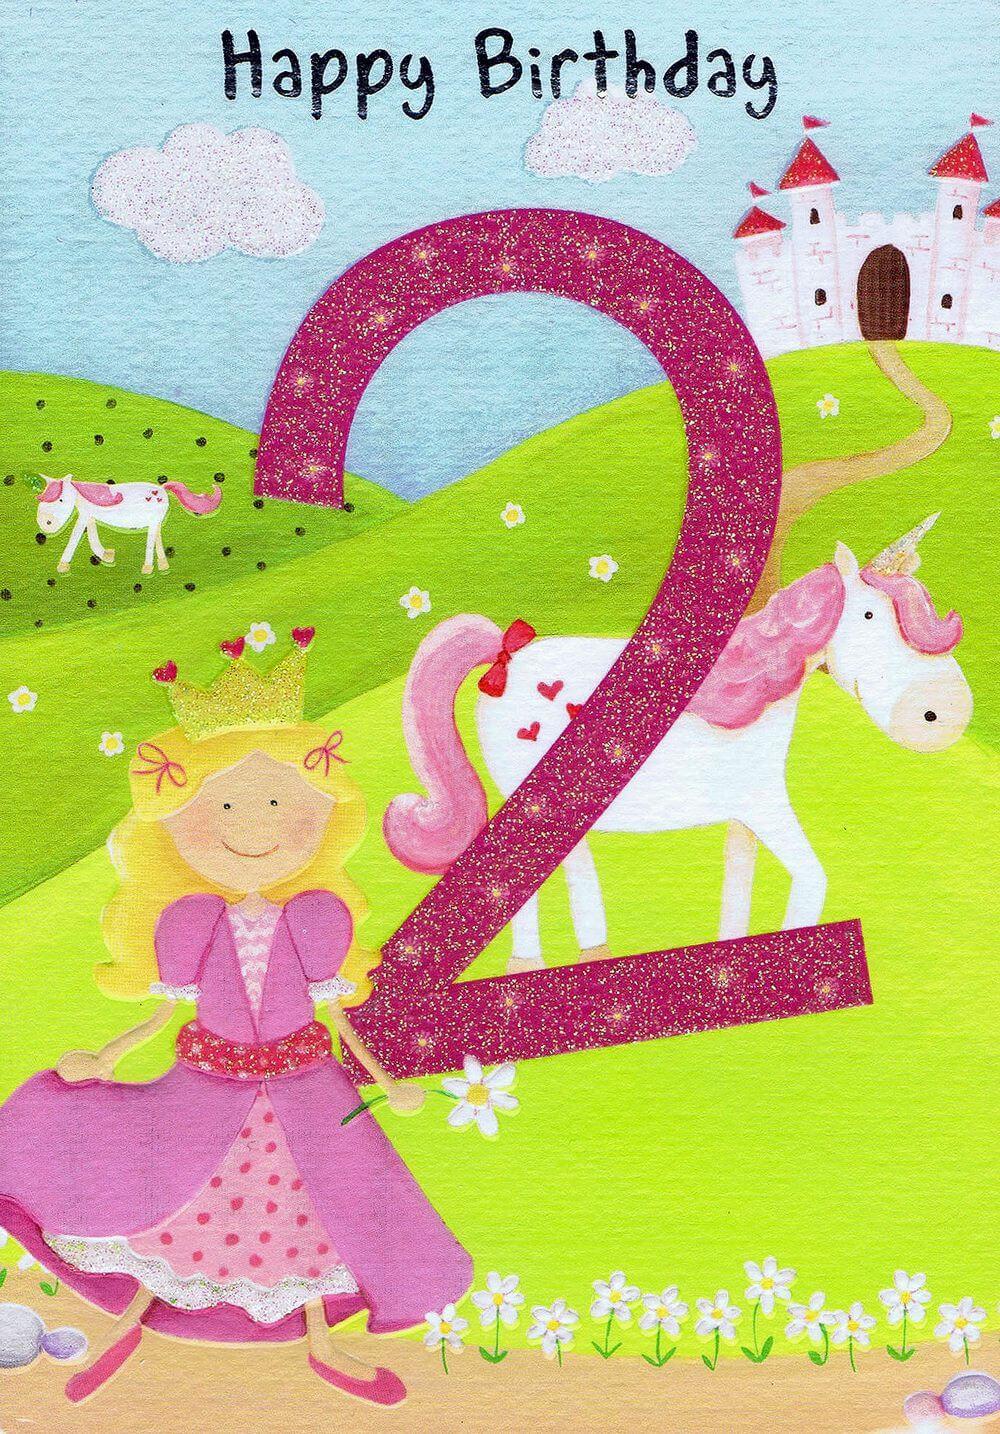 Märchenhaften Geburtstag - 2 - Happy Birthday - Geburtstagskarte mit Zahlen